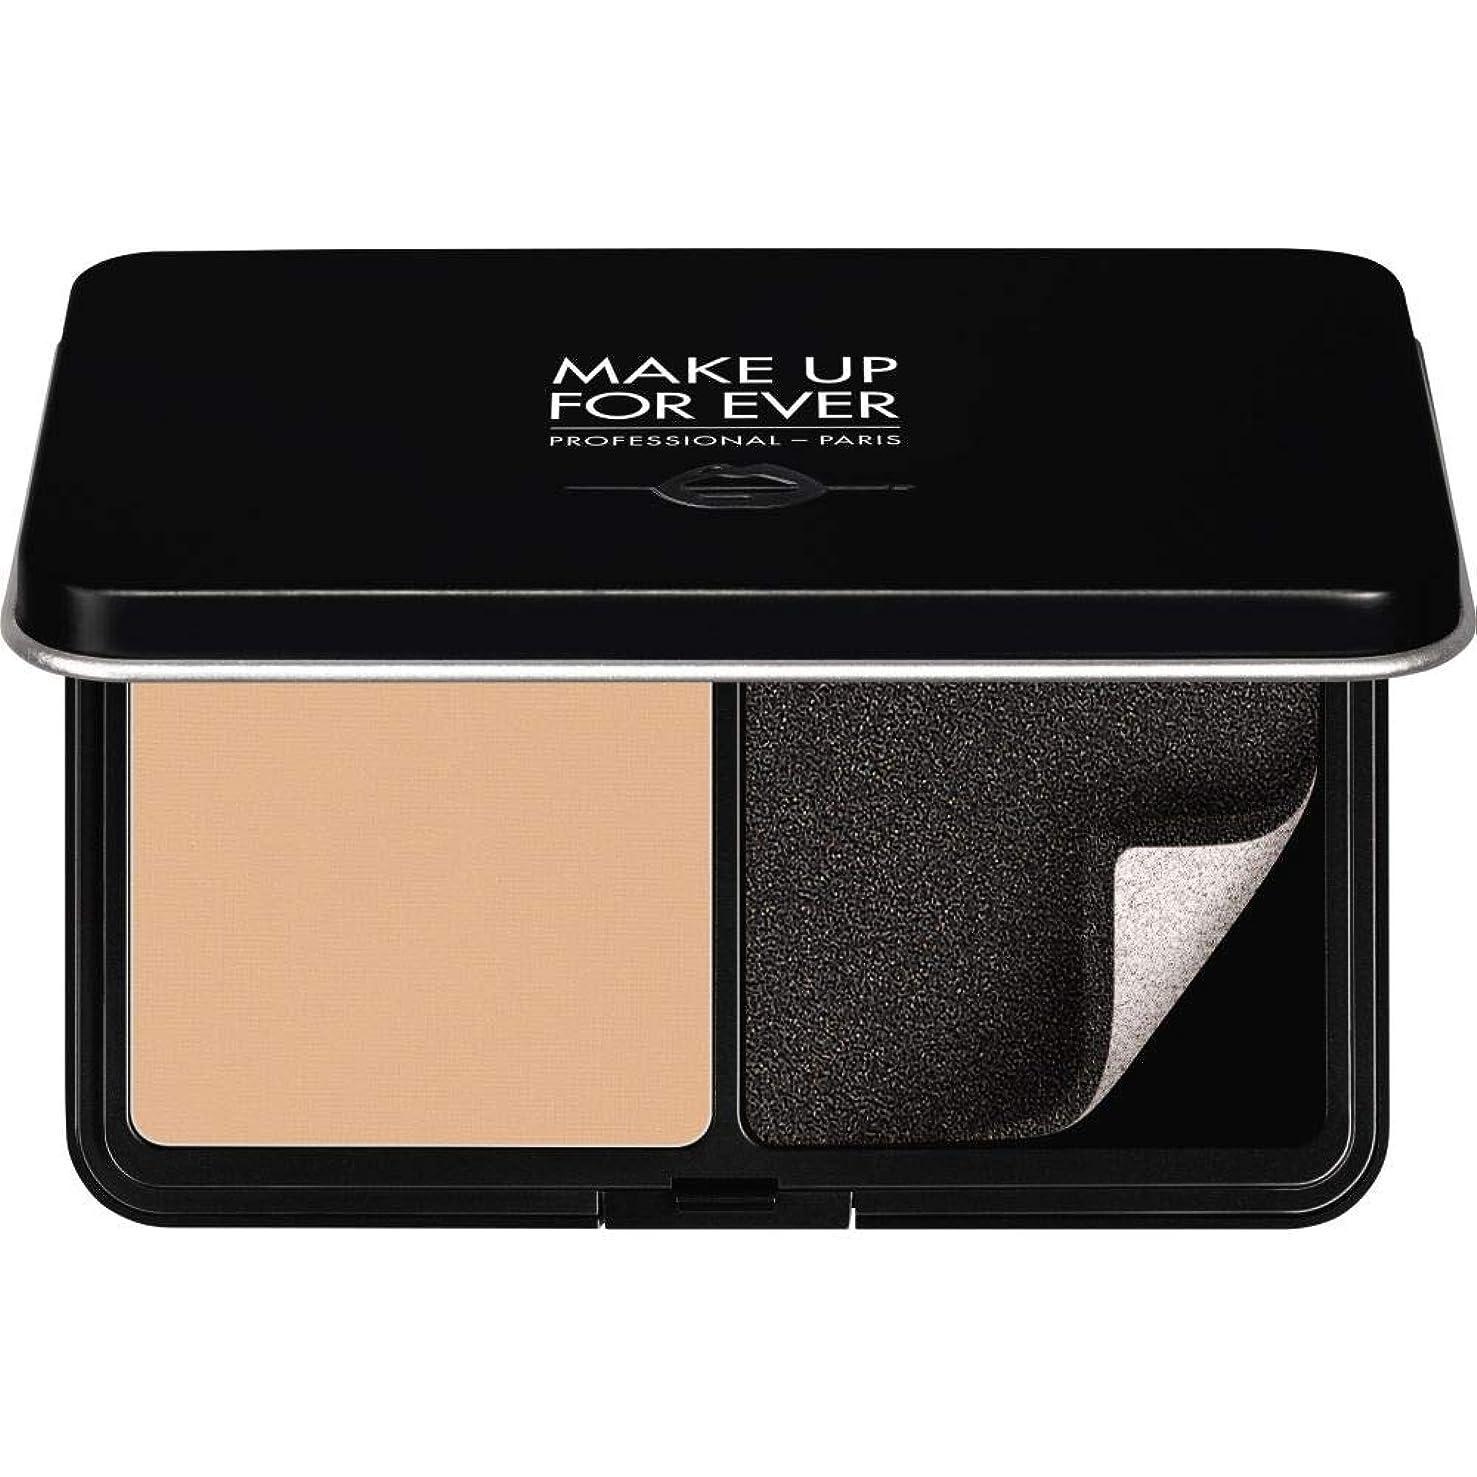 ガウンスイス人啓示[MAKE UP FOR EVER ] これまでマットベルベットの肌は、パウダーファンデーション11GののR250をぼかすために作る - ヌードベージュ - MAKE UP FOR EVER Matte Velvet Skin Blurring Powder Foundation 11g R250 - Beige Nude [並行輸入品]